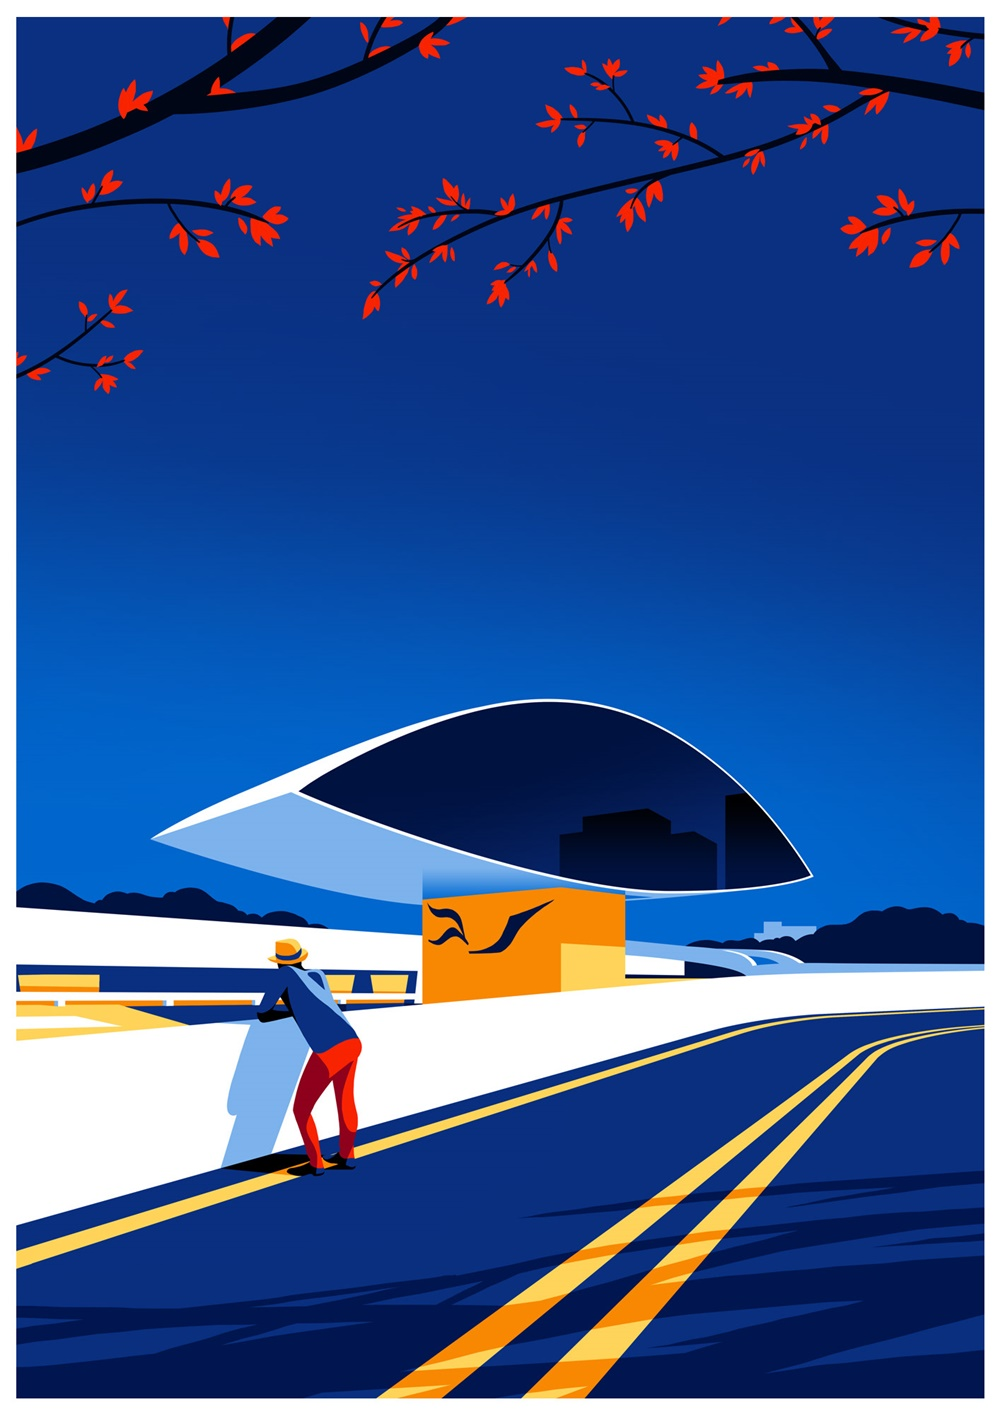 色块增彩!9款现代主义建筑插画作品